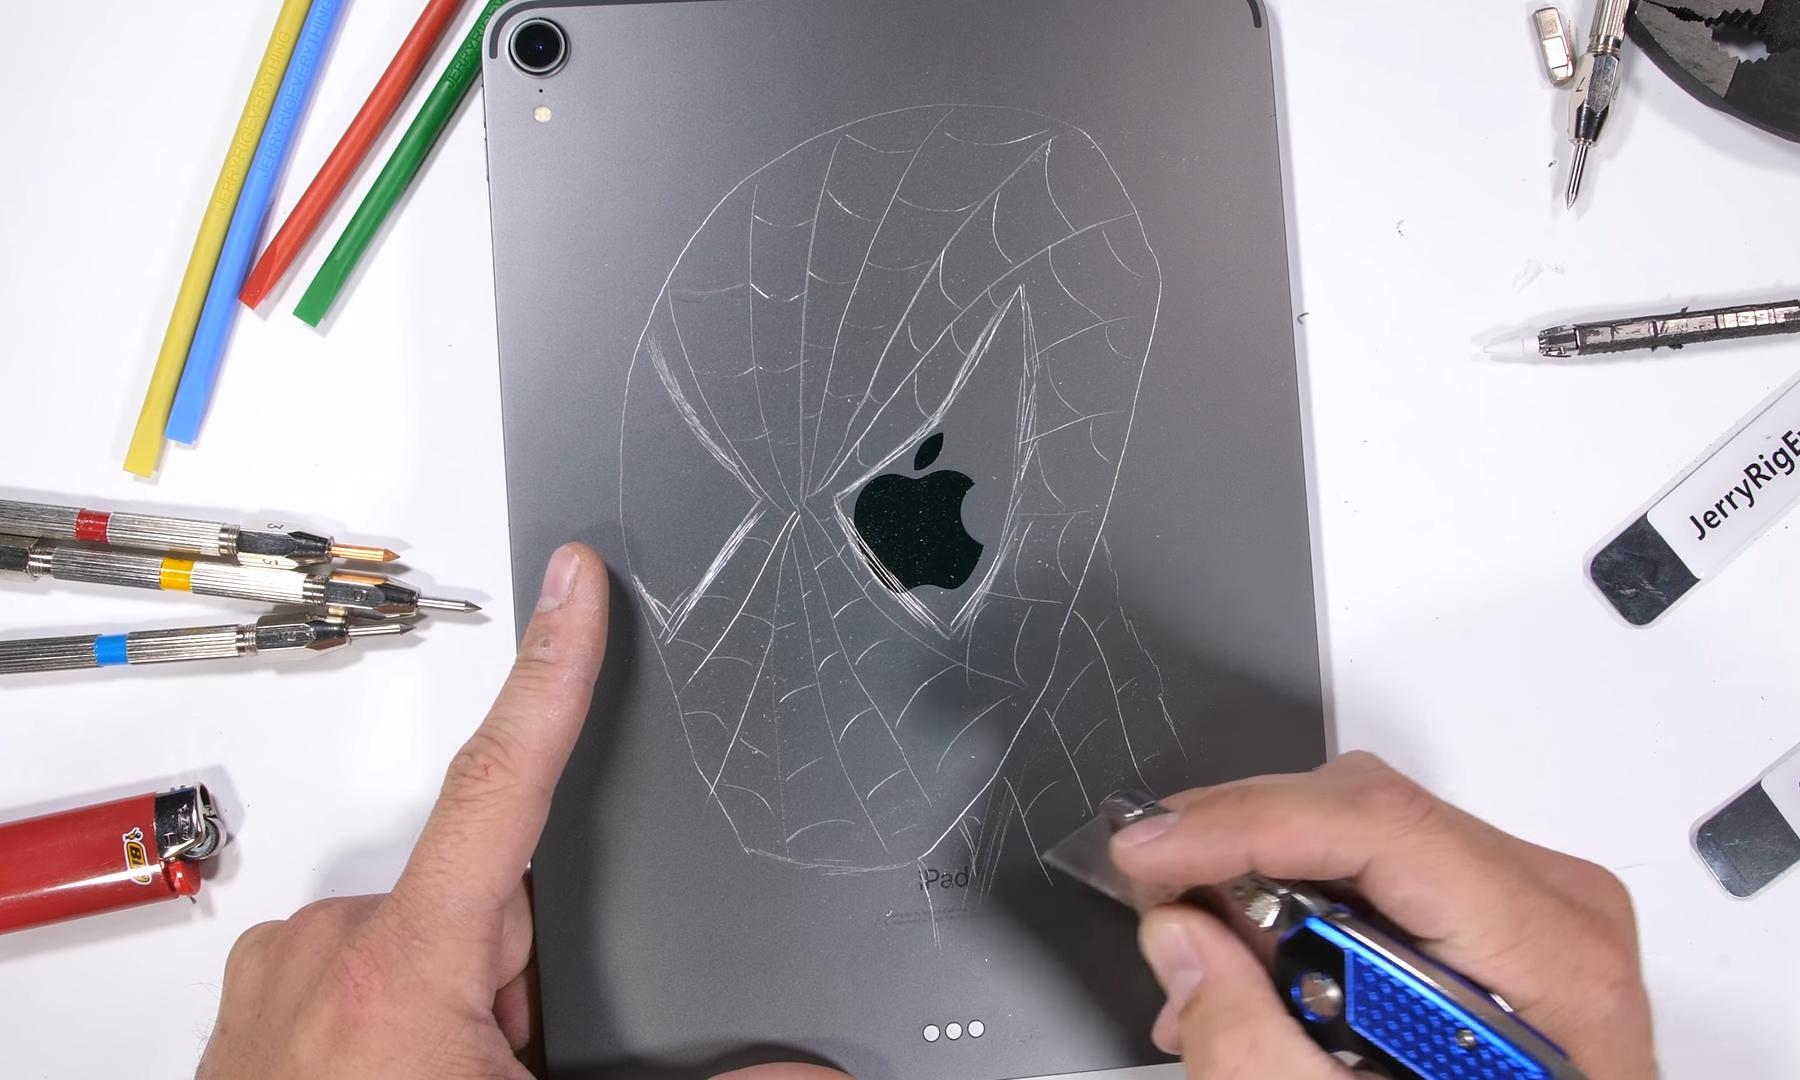 Прочность нового iPad Pro проверена известным блогером - фото 3 | Сервисный центр Total Apple